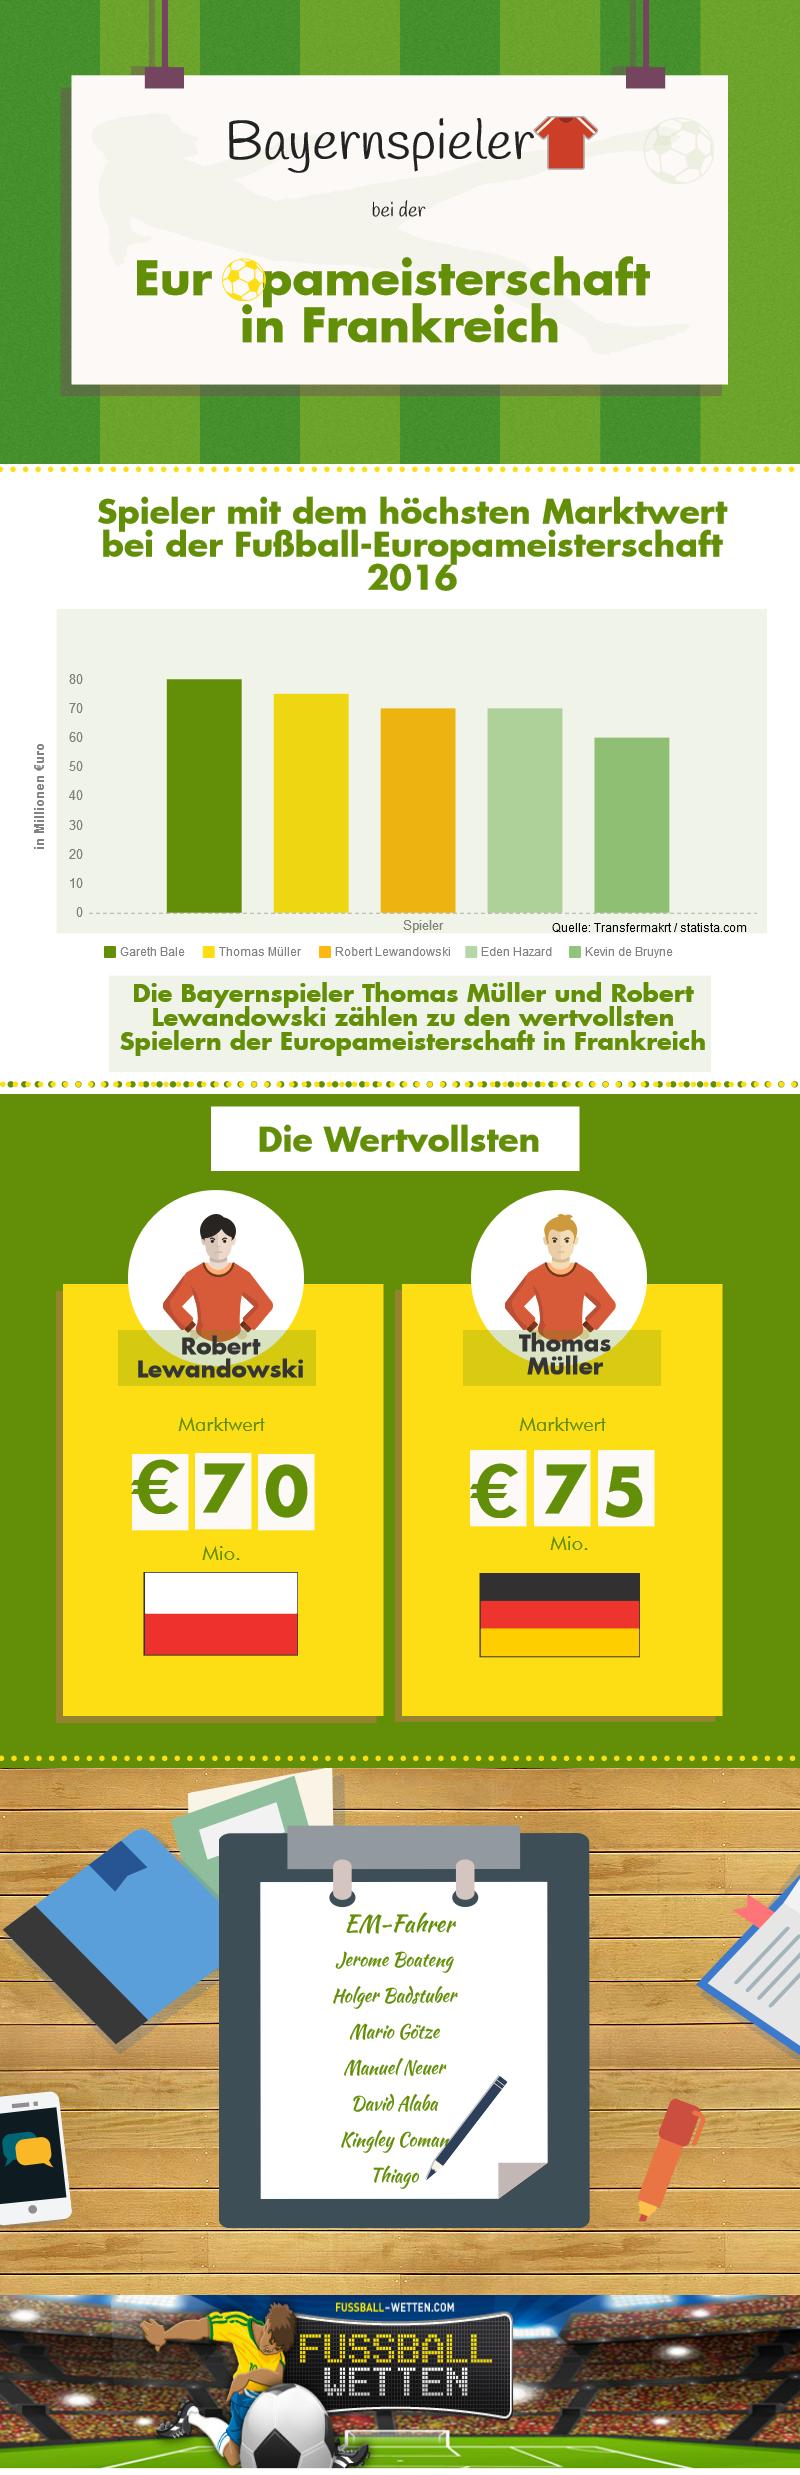 Infografik zu Bayernspielern bei der EM 2016 in Frankreich